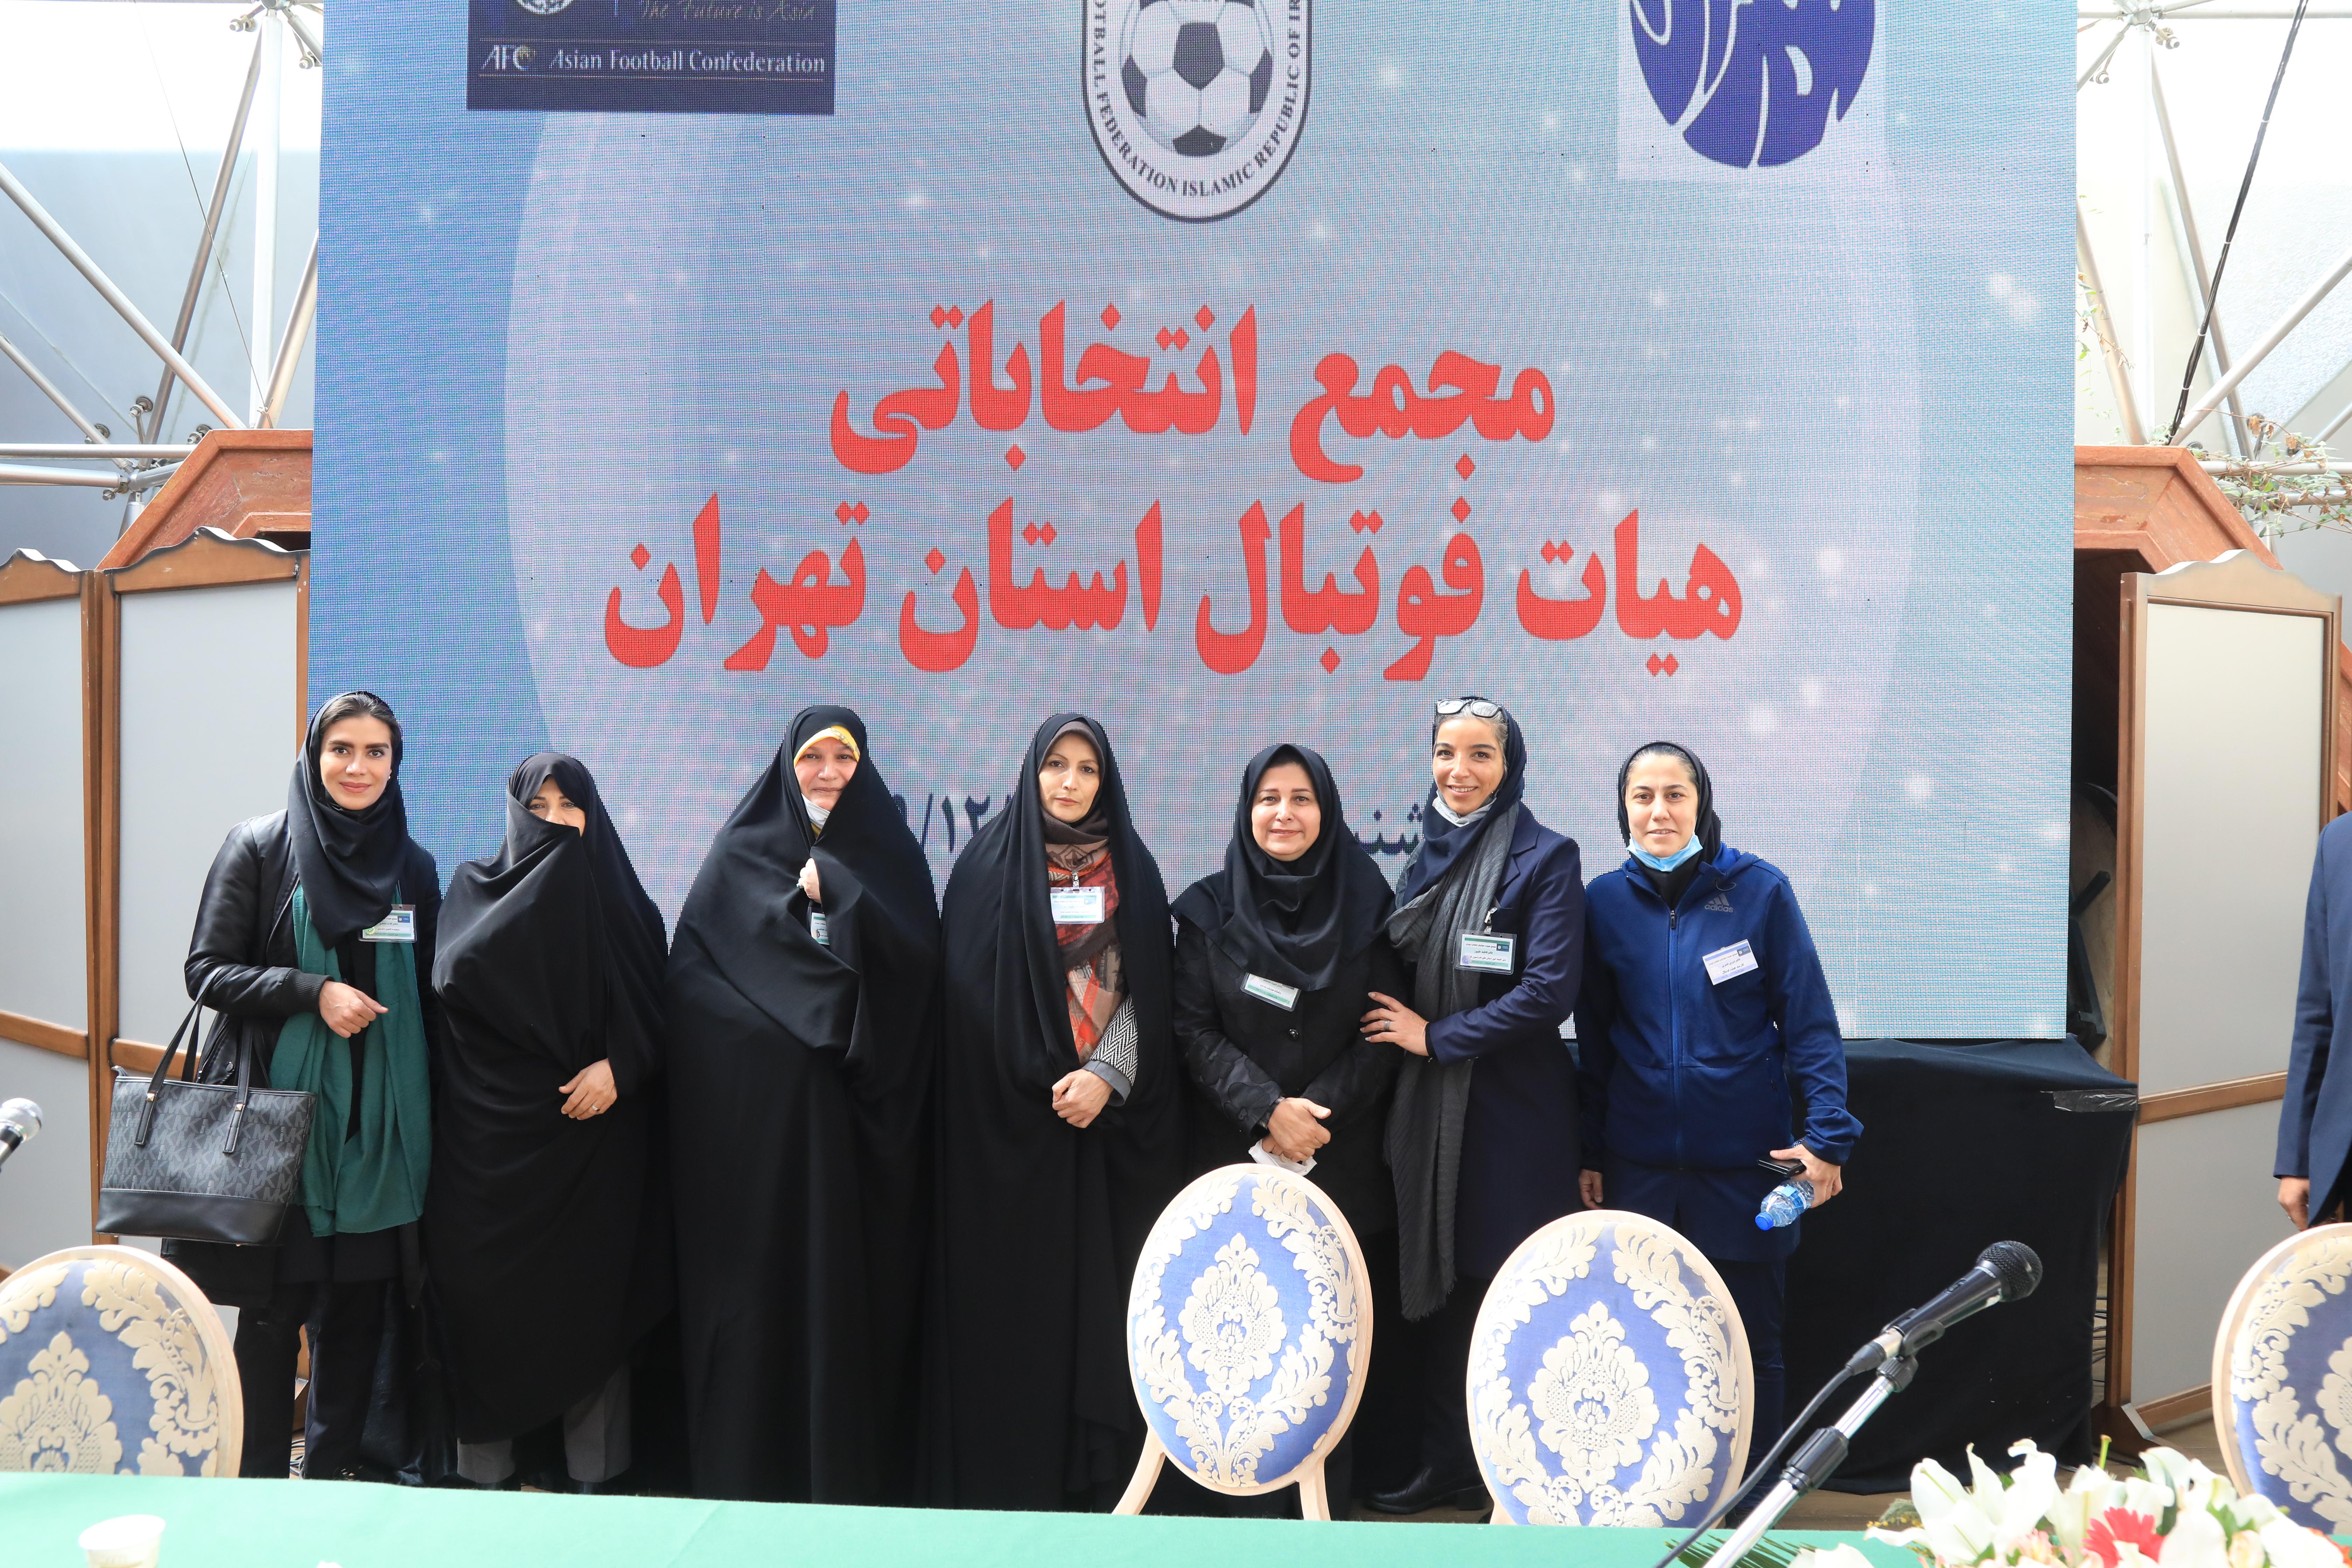 انتخابات هیات فوتبال تهران برگزار شد